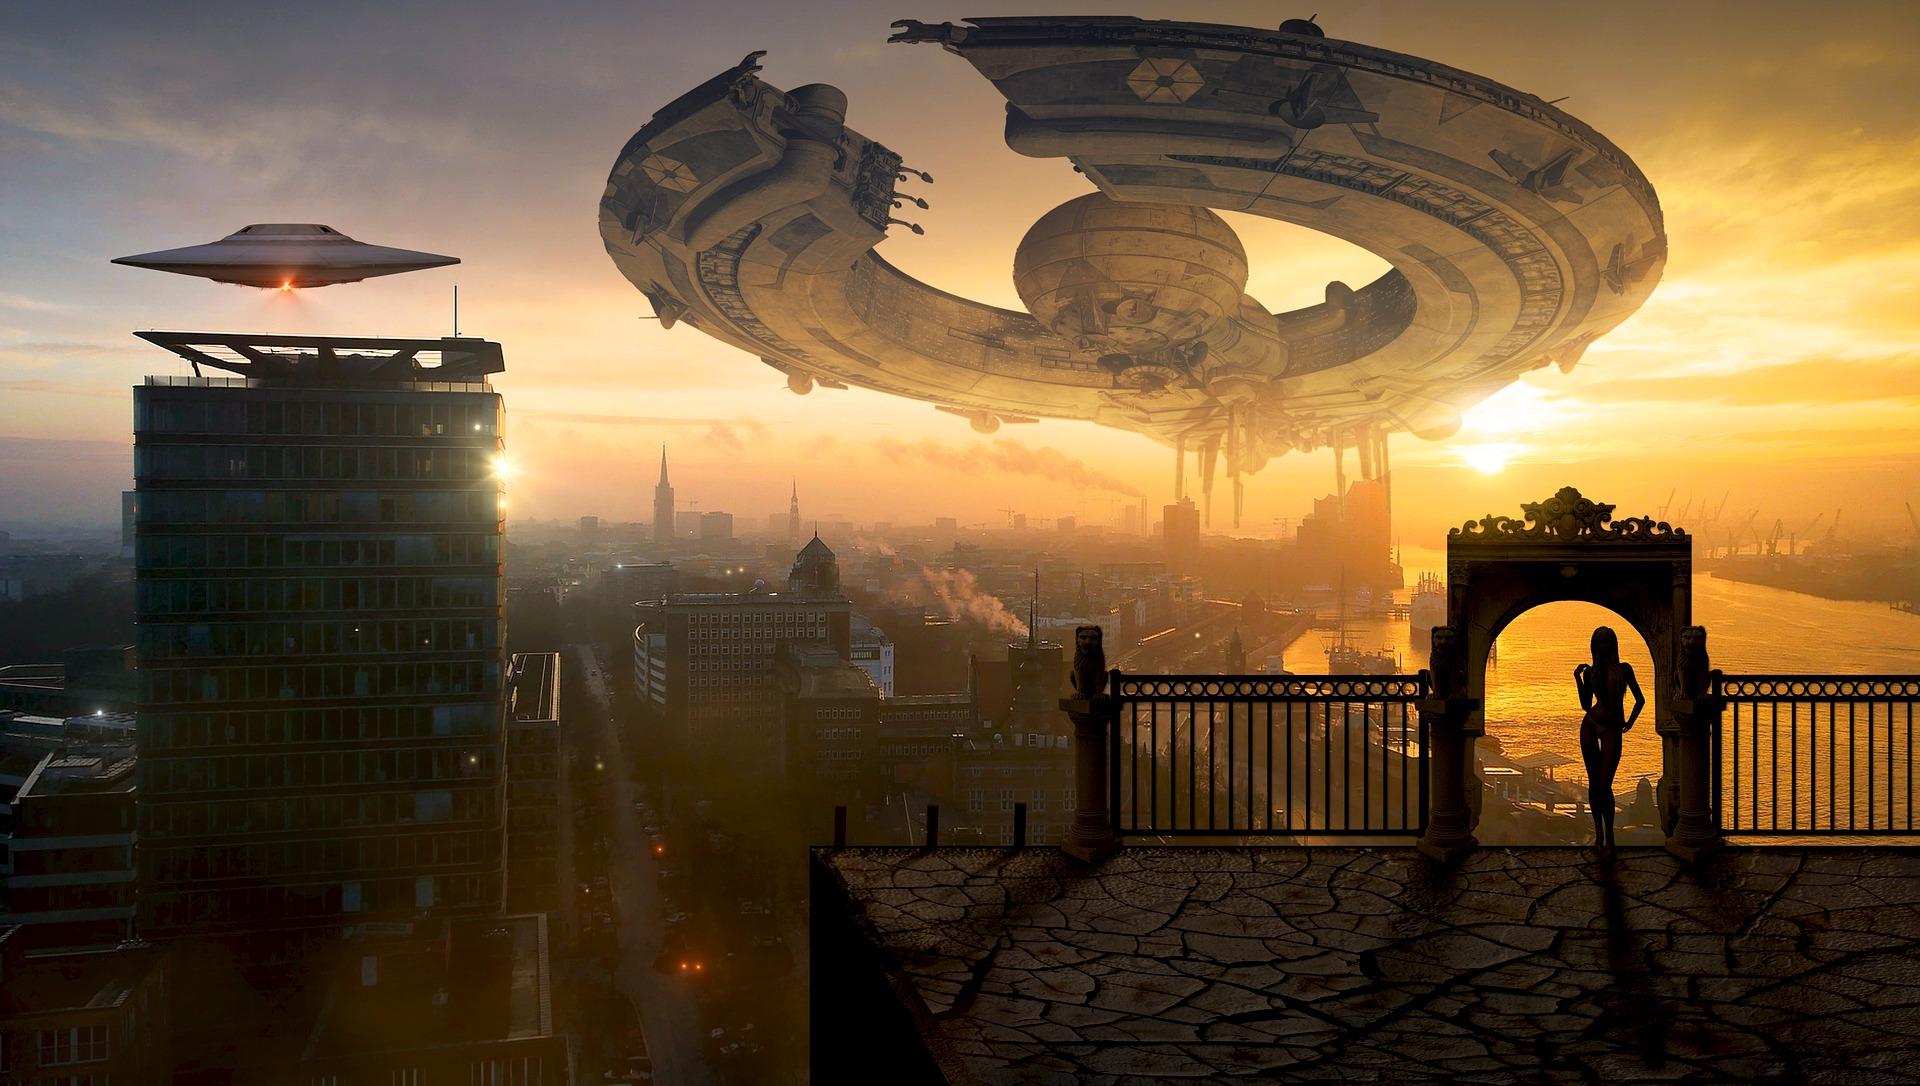 Que feriez-vous si un extra-terrestre se présentait à vous ?